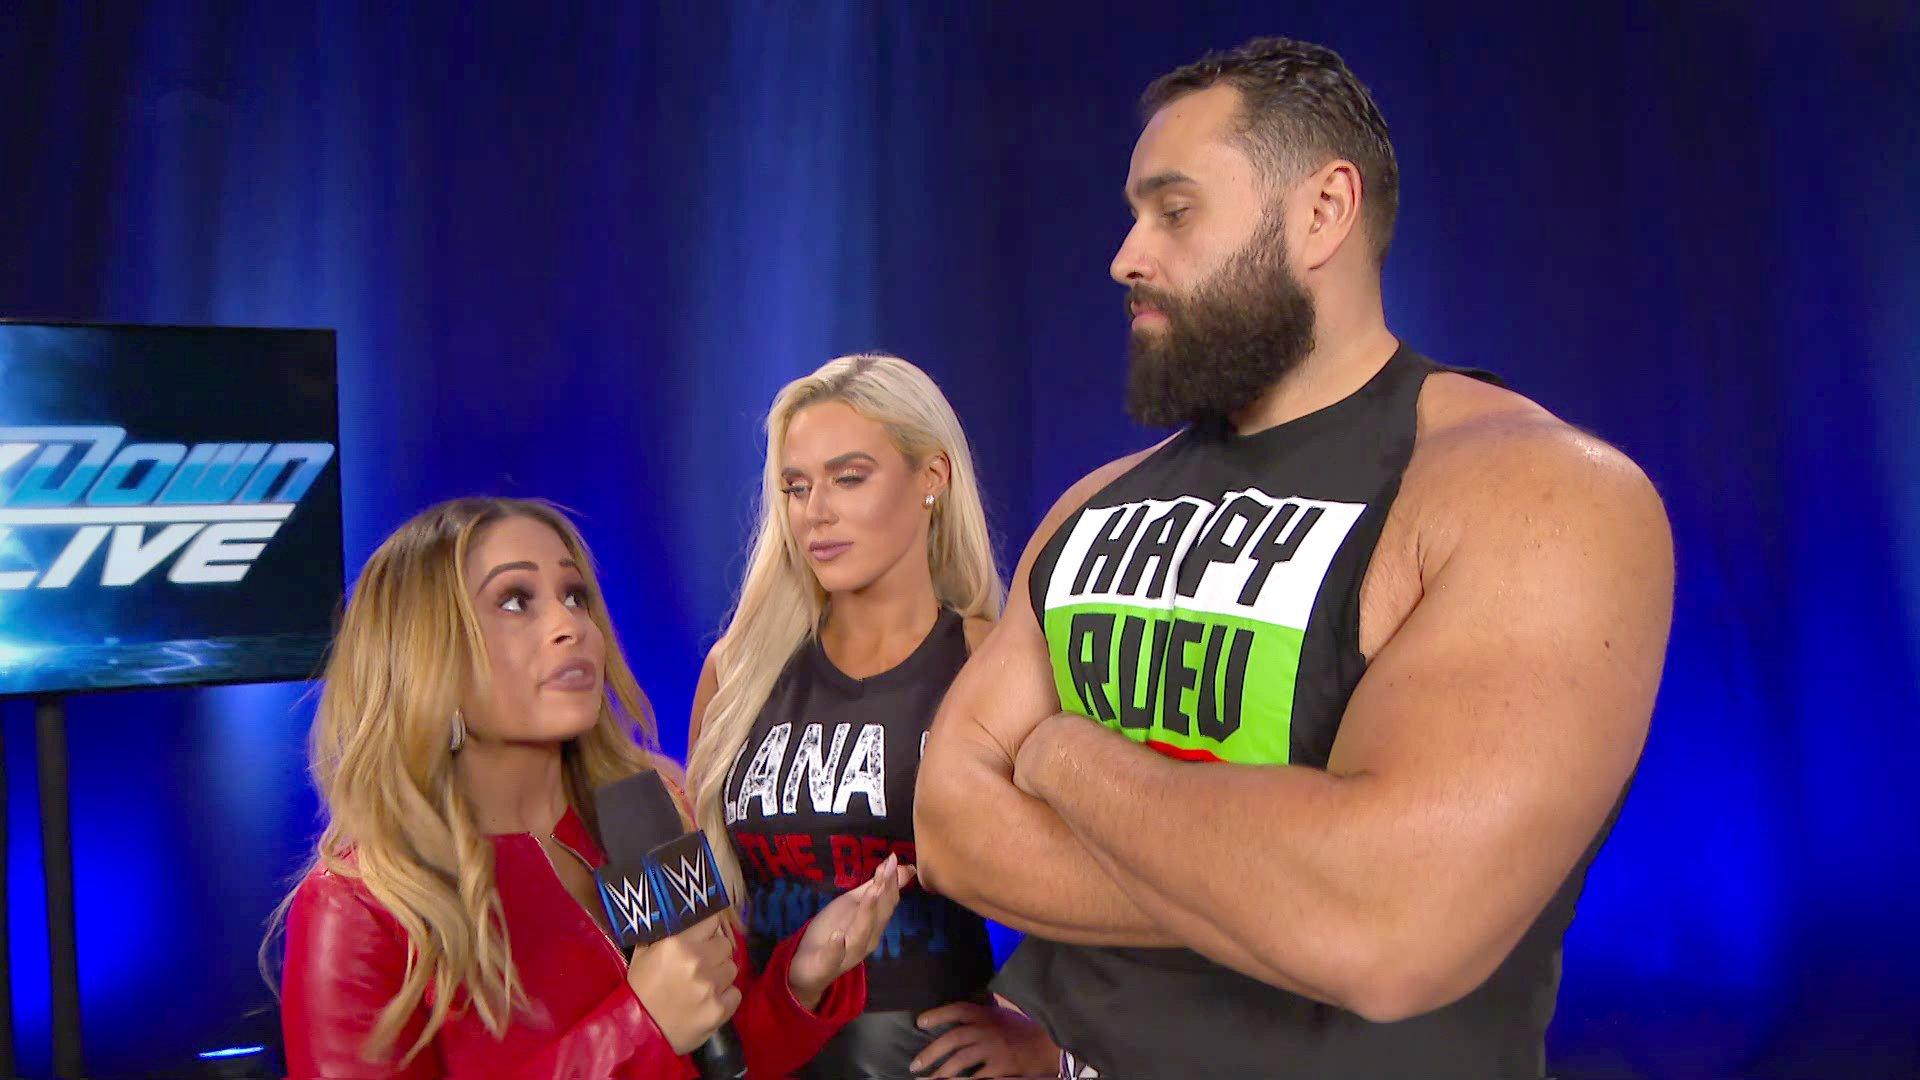 Rusev promet de se régaler de Shinsuke Nakamura: SmackDown LIVE, 4 Décembre 2018